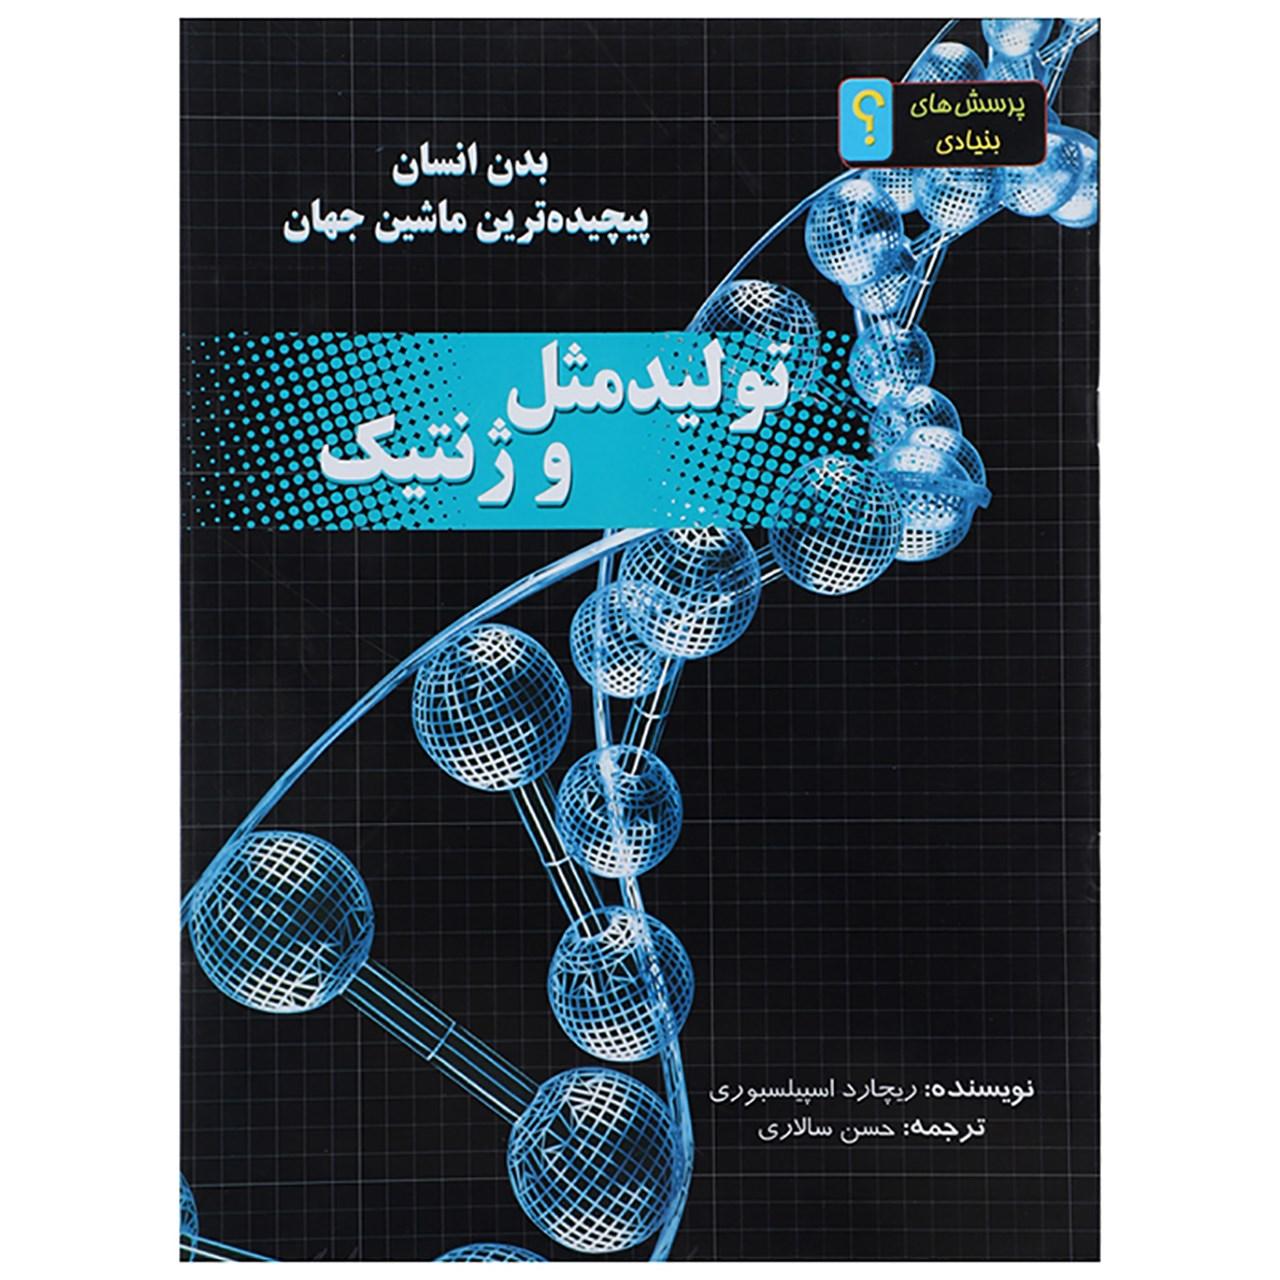 کتاب تولید مثل و ژنتیک اثر ریچارد اسپیلزبری